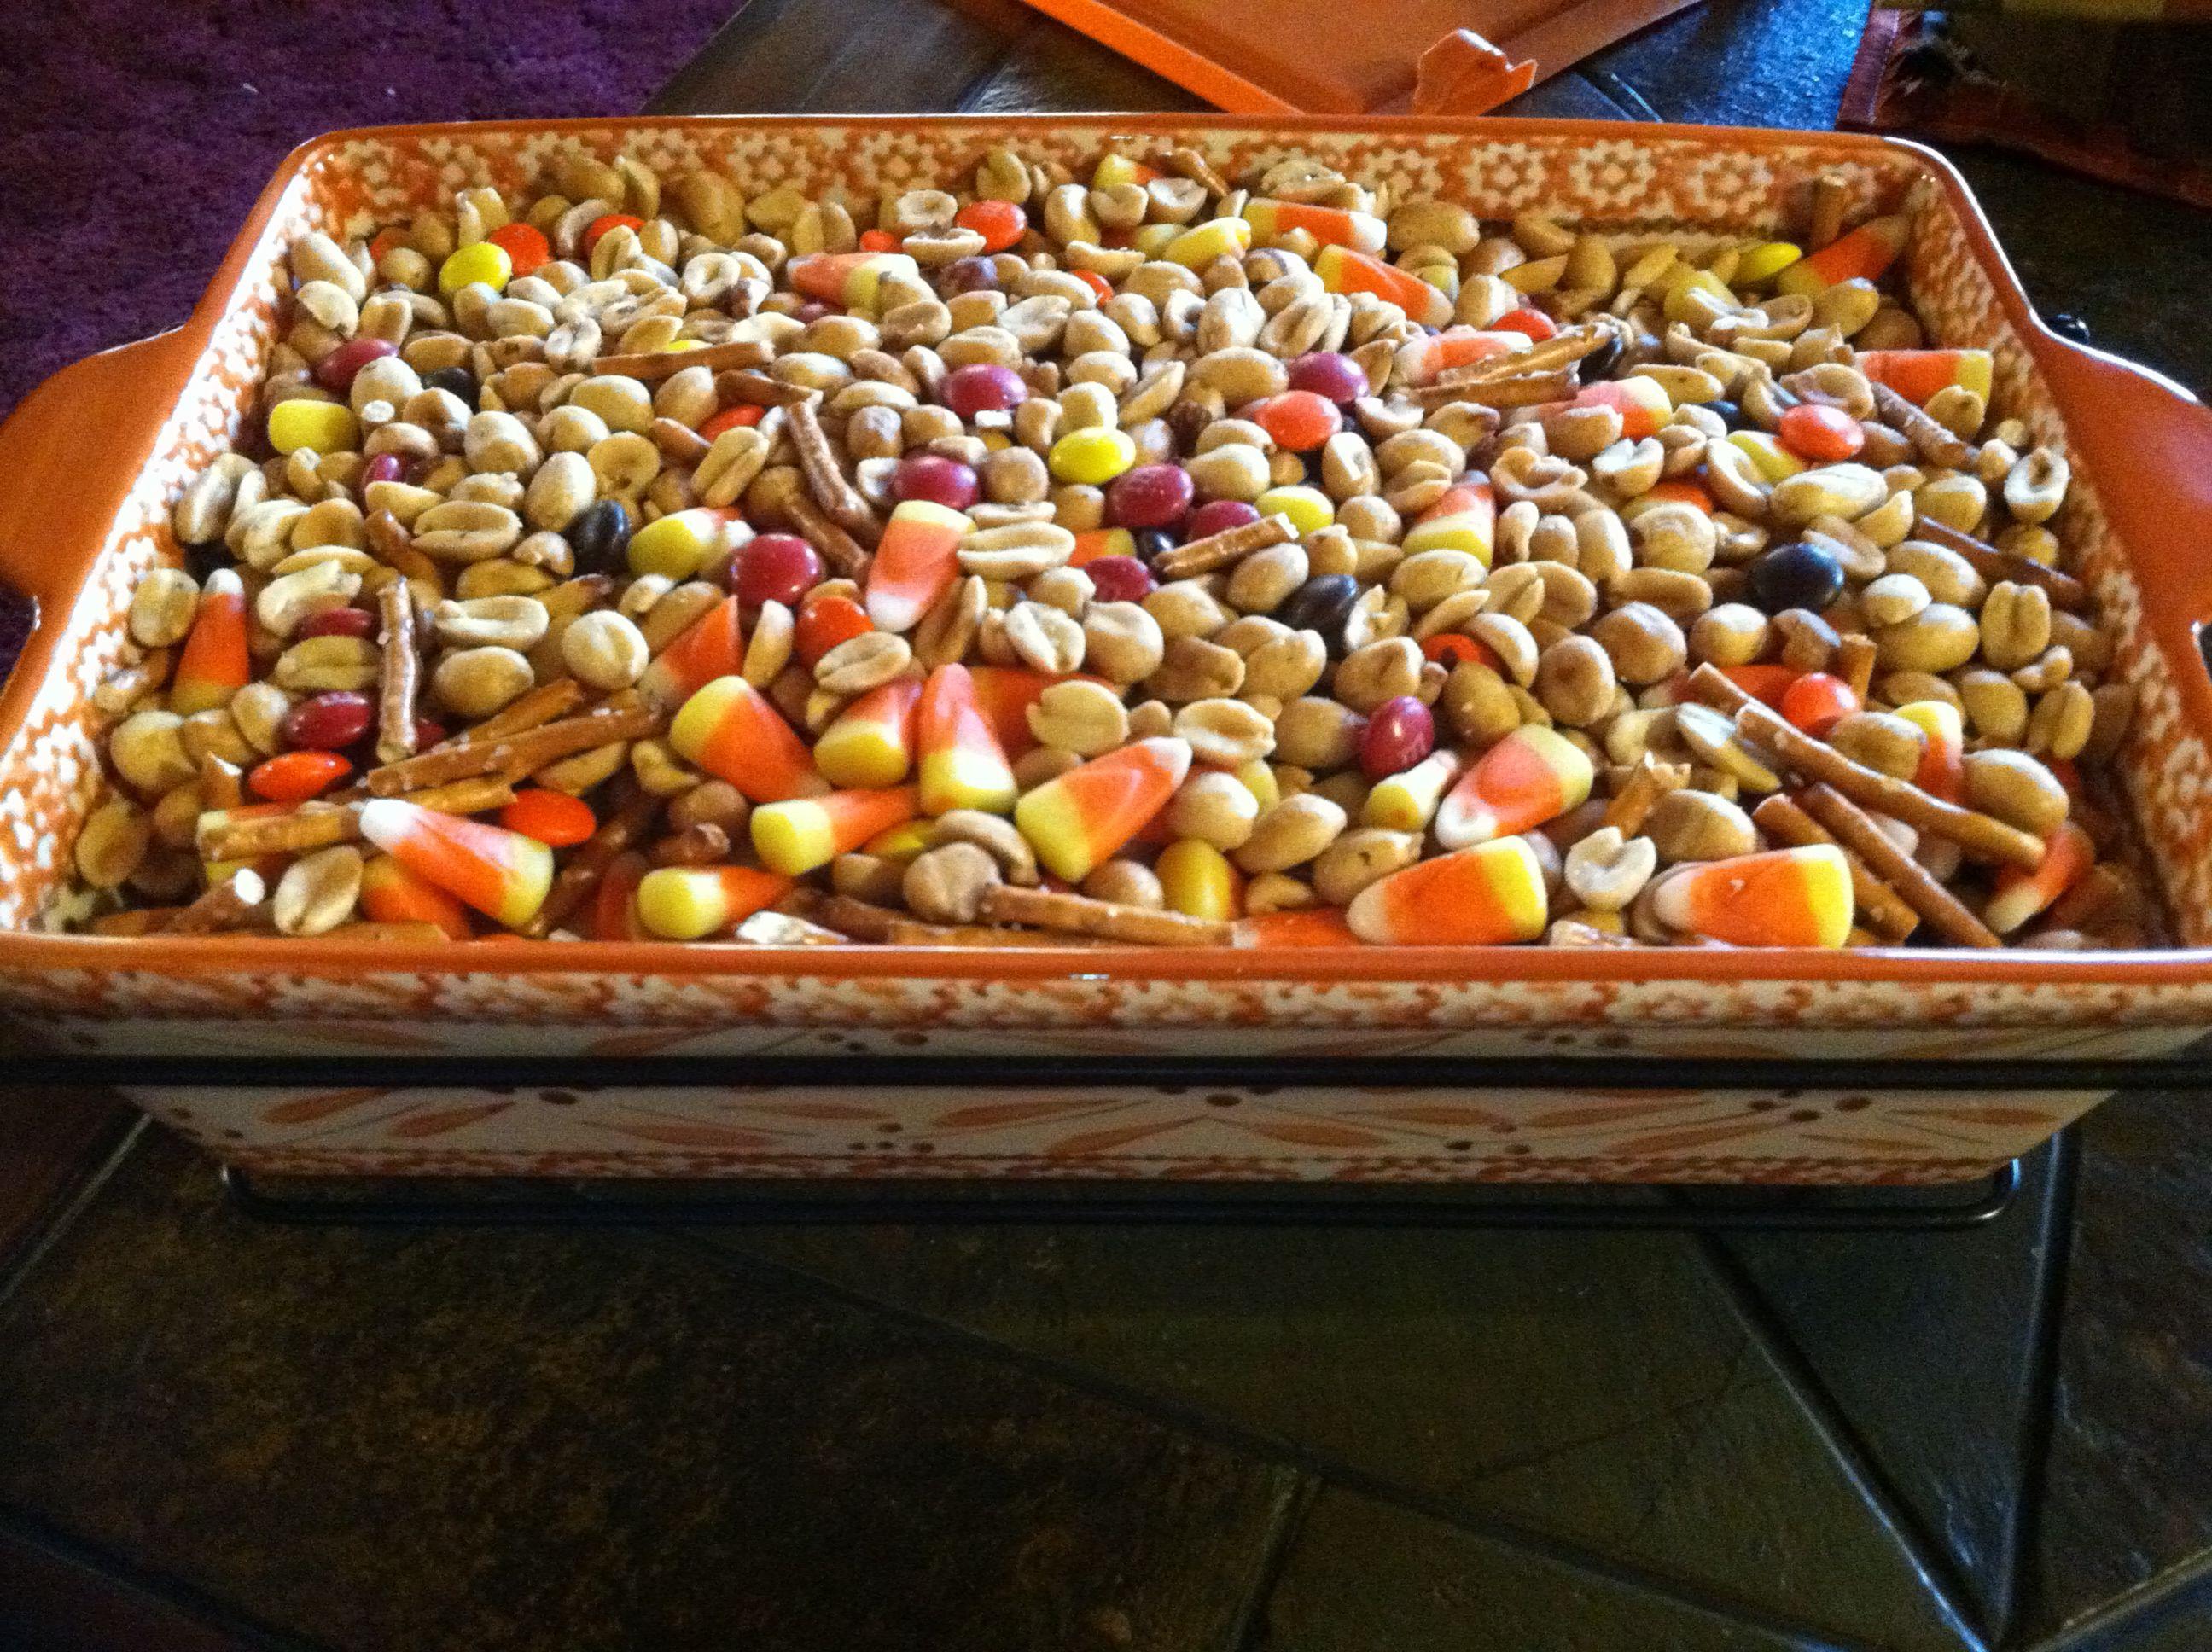 Fall Trail Mix Peanuts Ms Pretzel Sticks Candy Corn